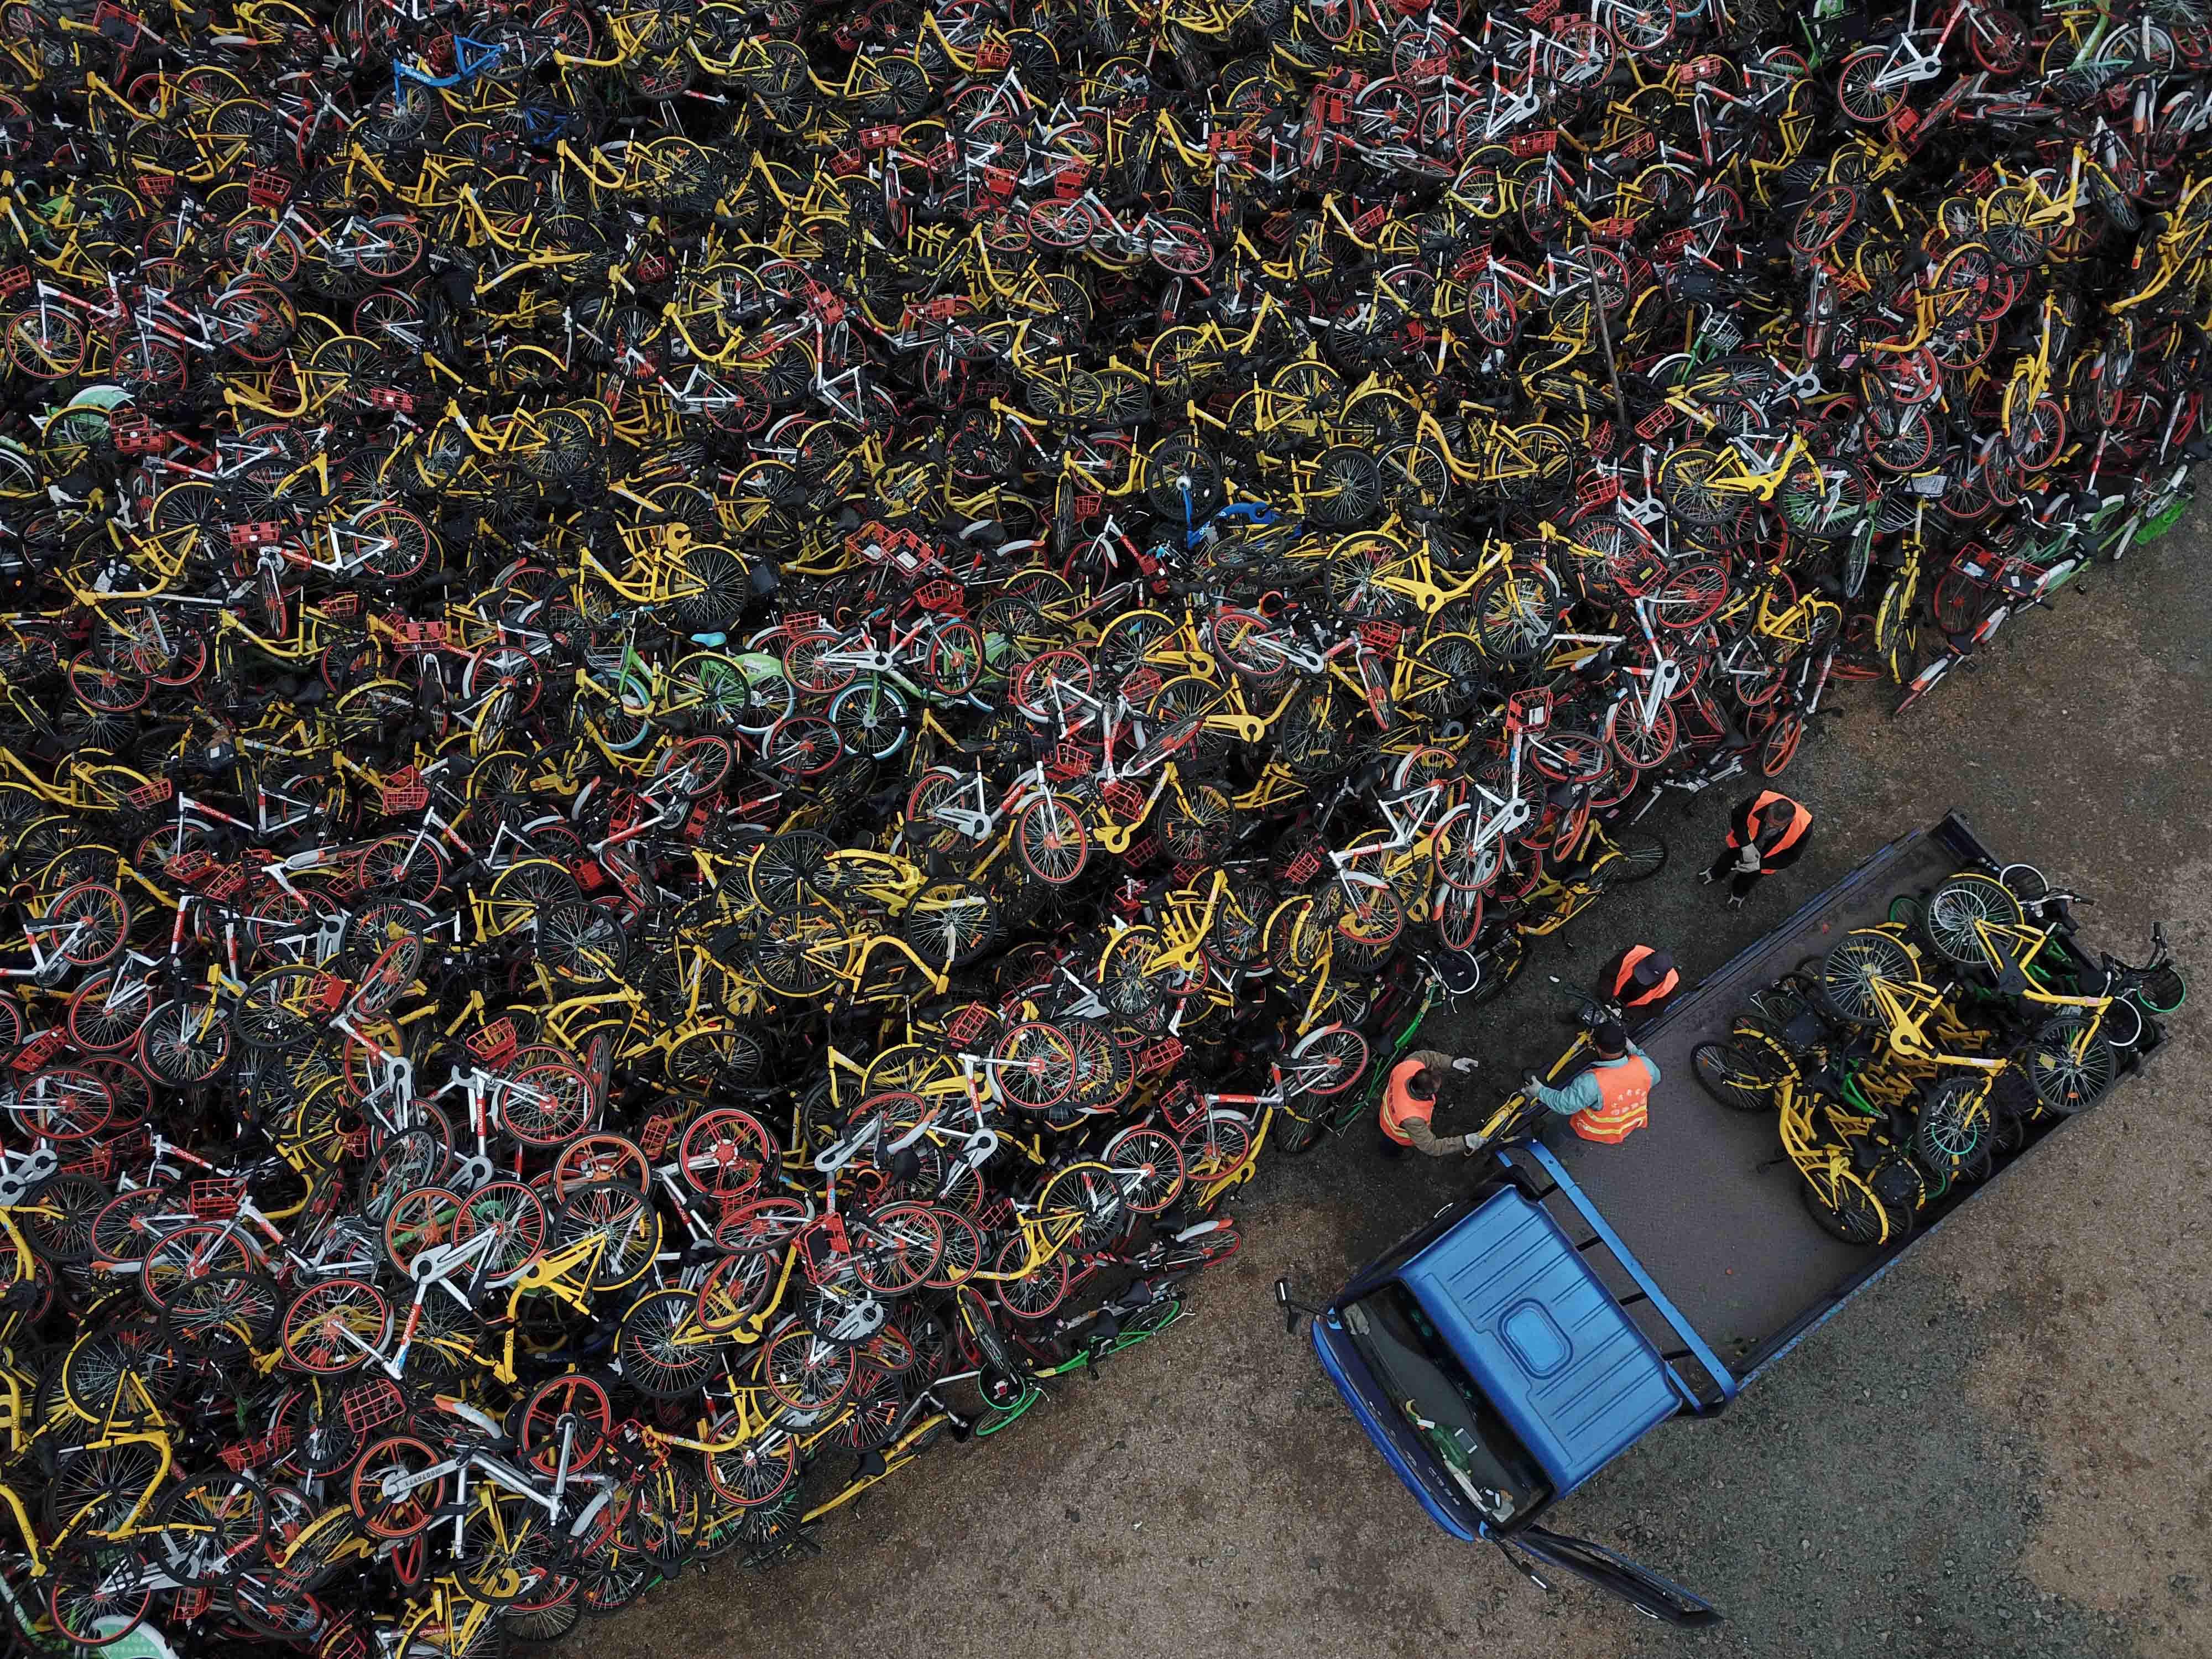 共享单车堆积成山 密恐慎入